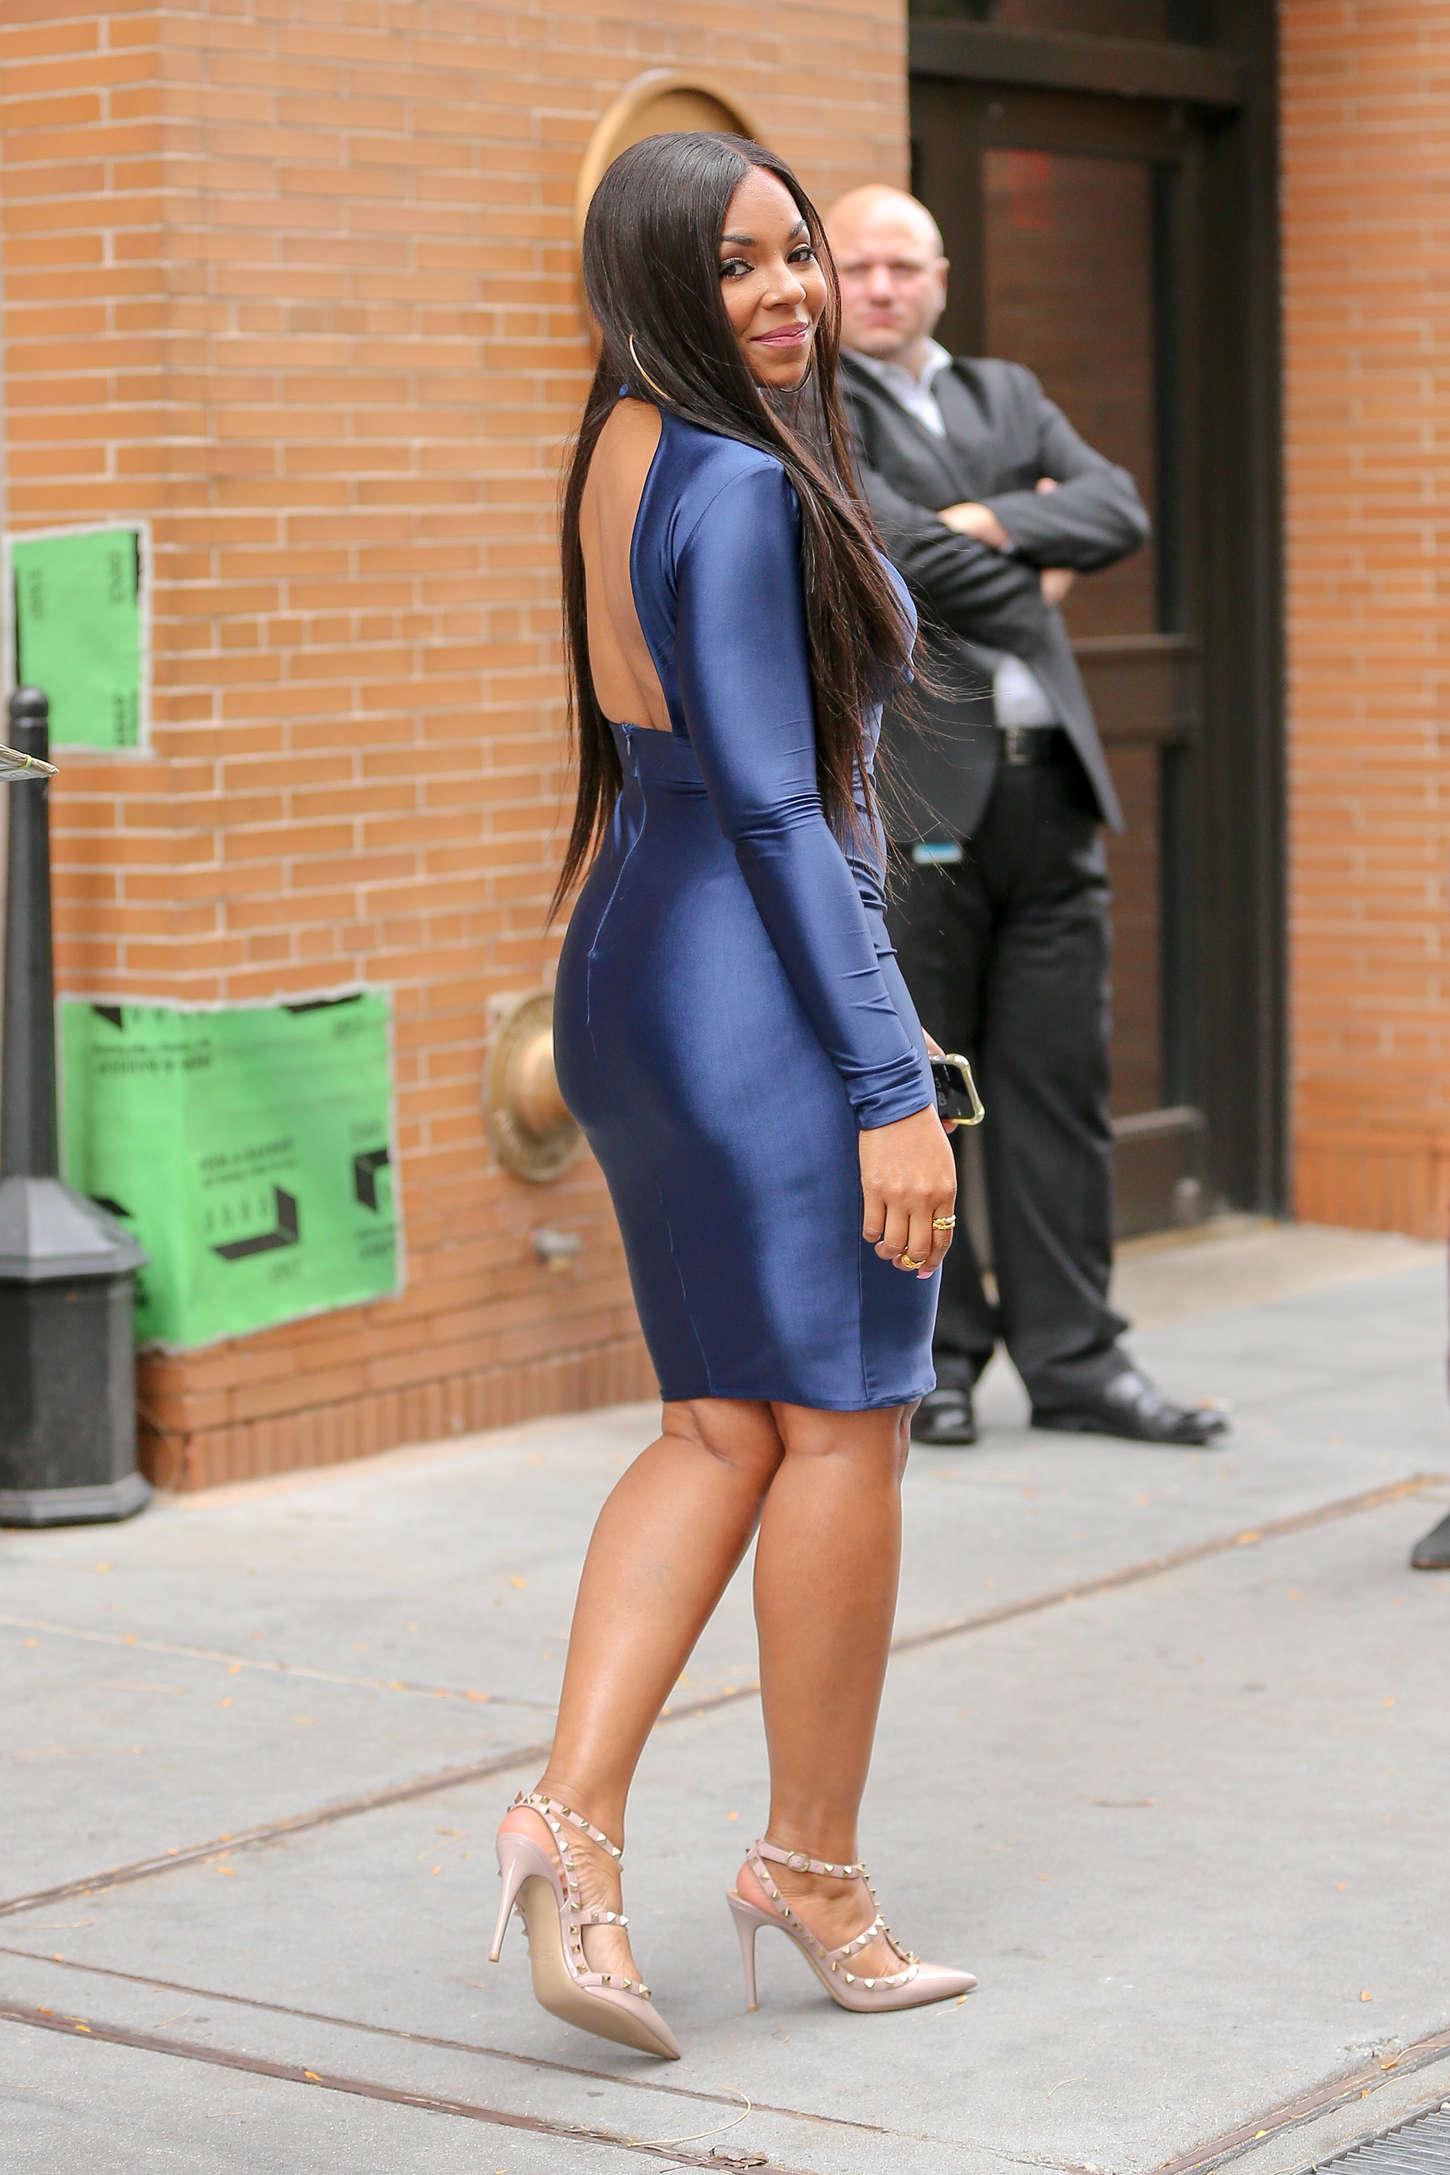 Club Gomez Selena Dress